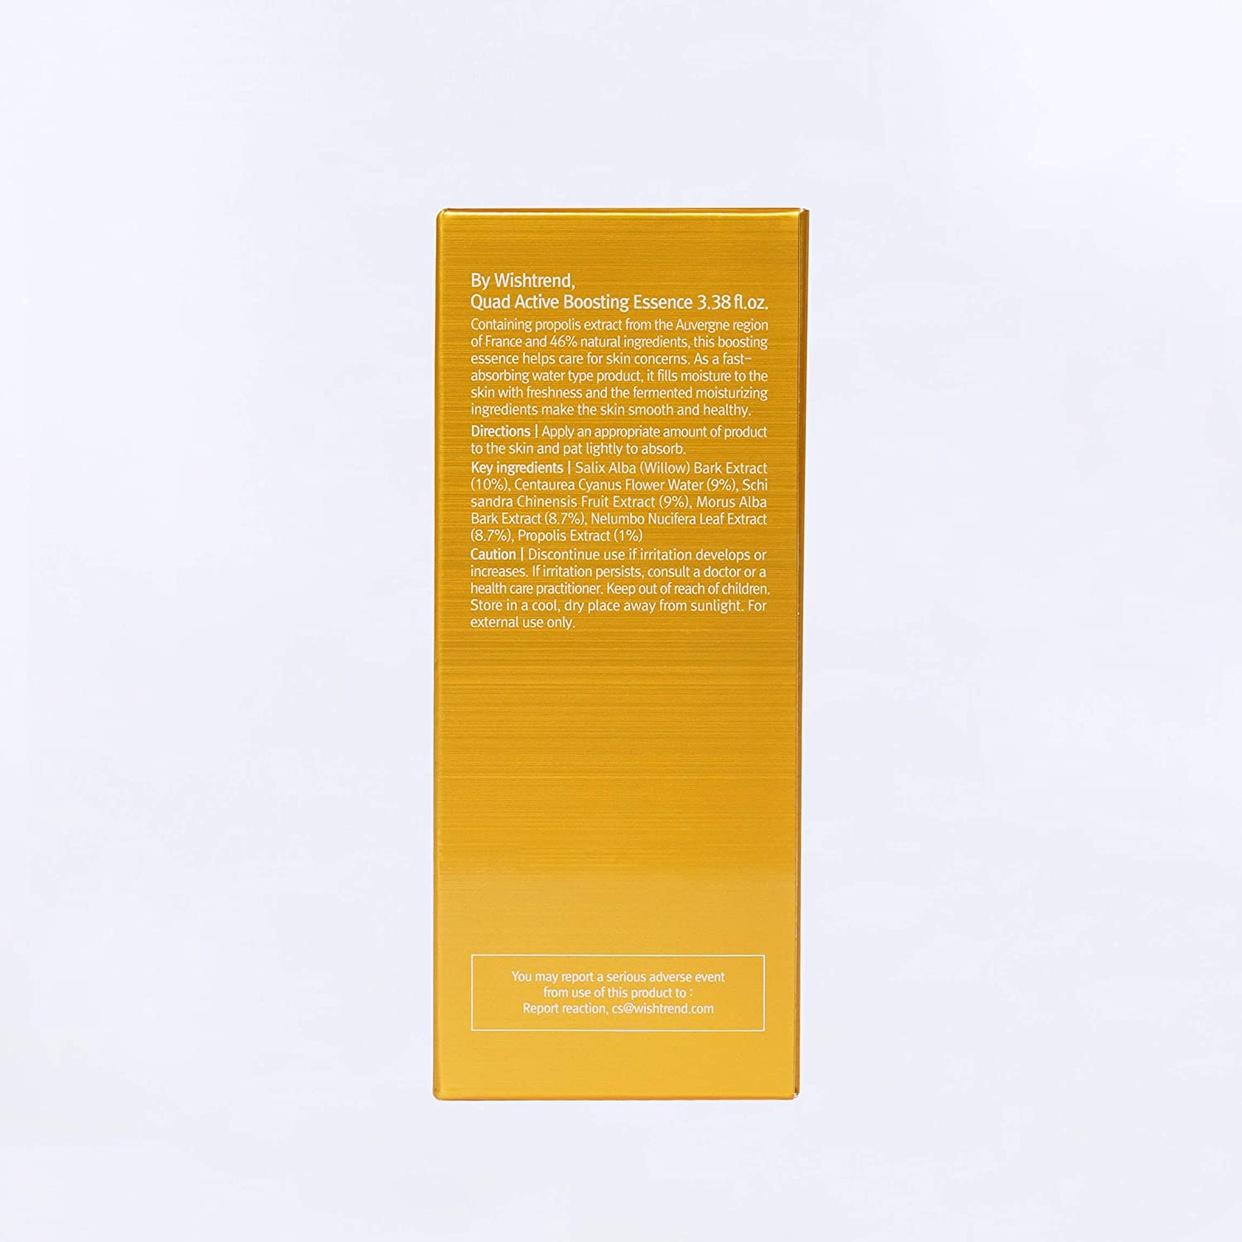 BY WISHTREND(バイウィッシュトレンド) クアッドアクティブブースティングエッセンスの商品画像2